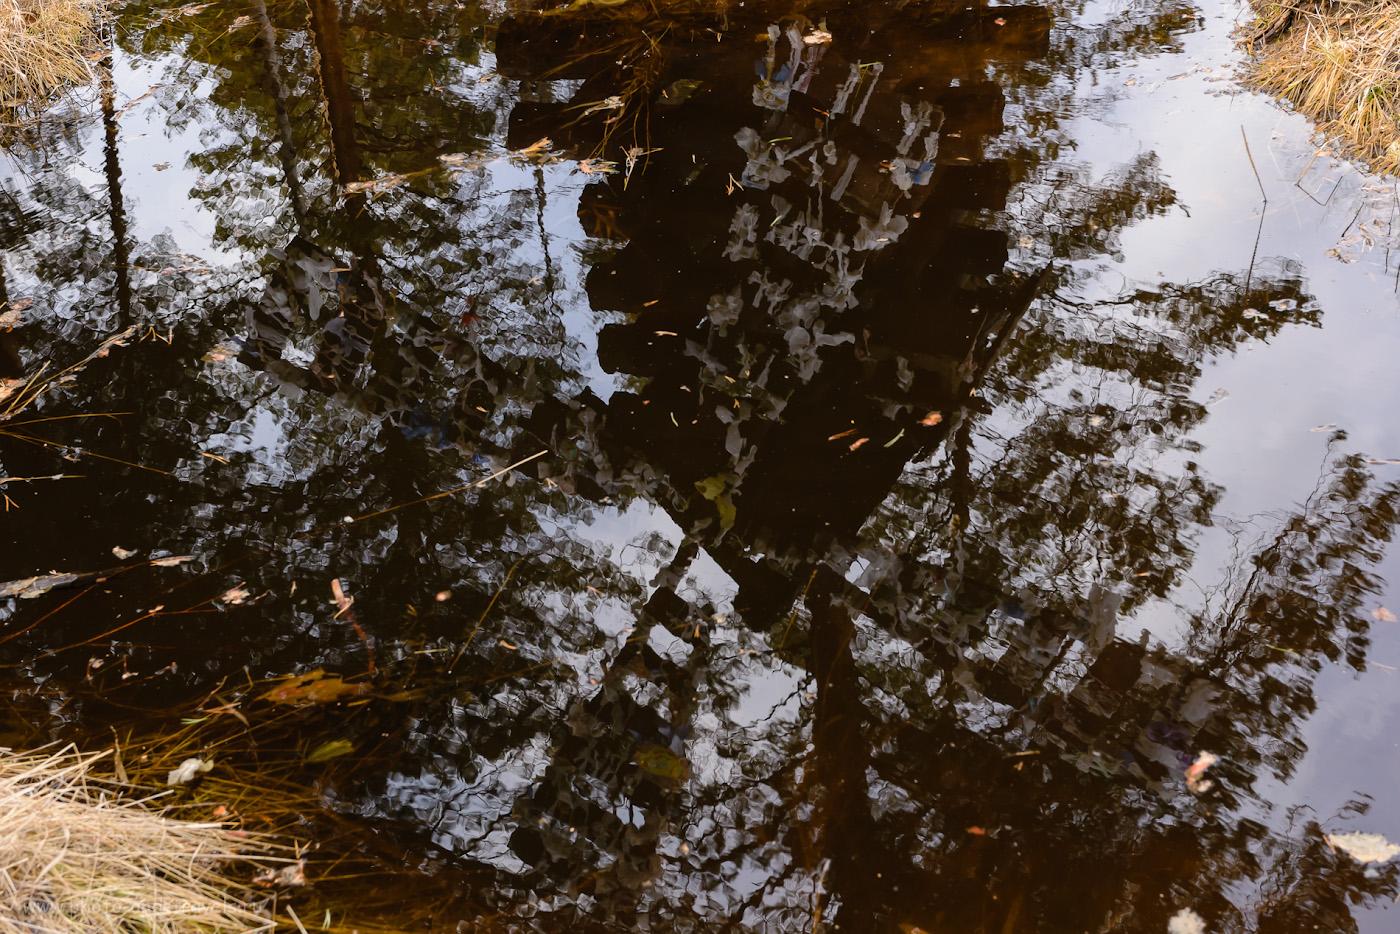 Изображение 33. Мельница в парке «Бажовские места». Отчеты о походе на Тальков камень. 1/125, -0.67, 8.0, 1100, 60.